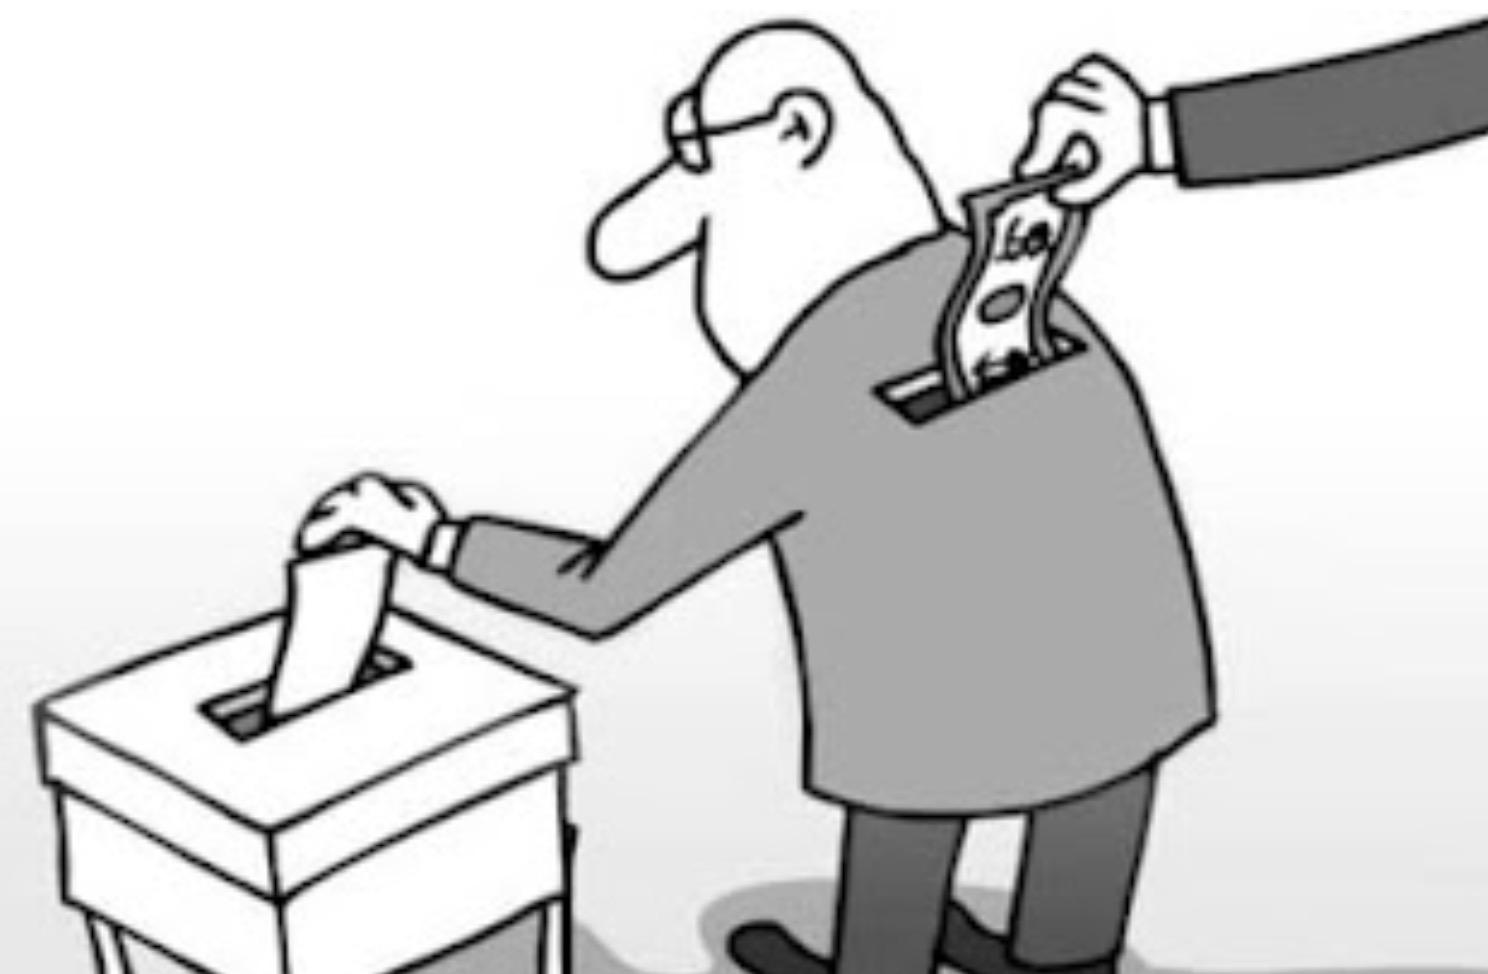 votos subvencionados